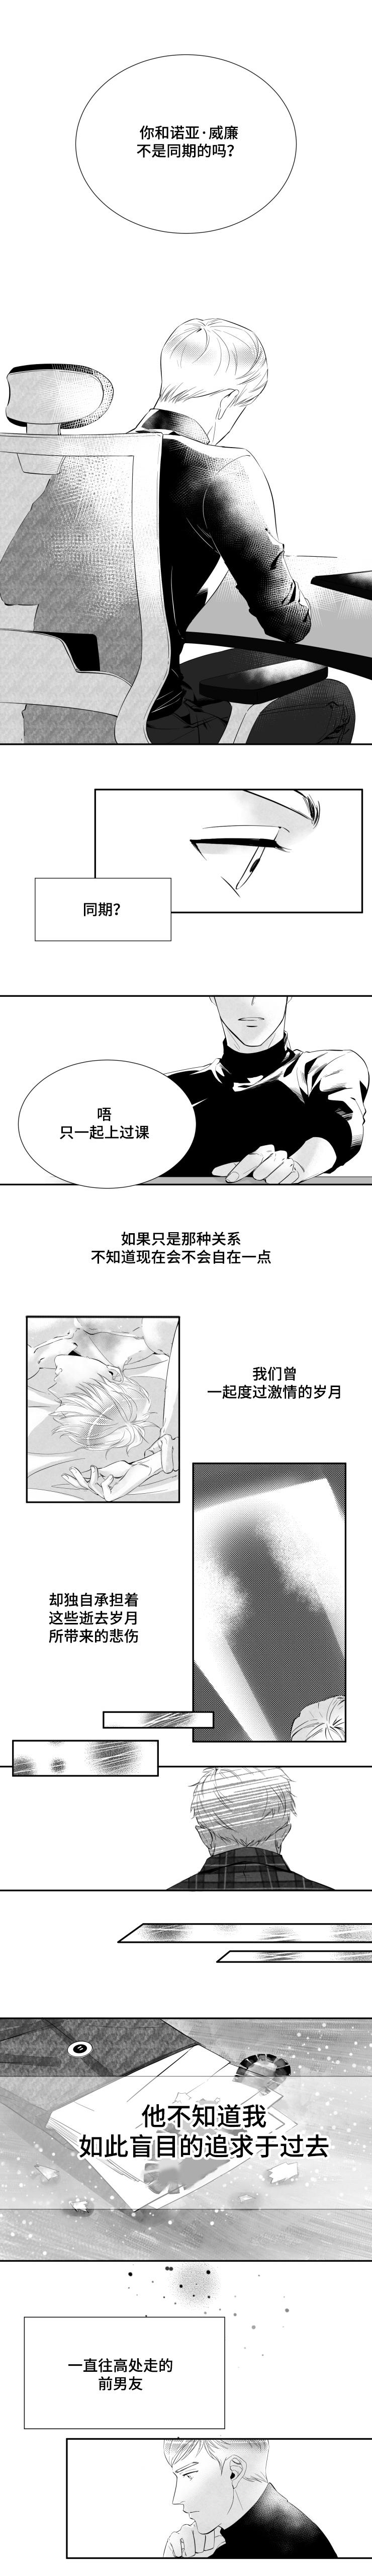 诺亚笔记-漫画下拉式在线阅读_完整版资源汉化-啵乐漫画